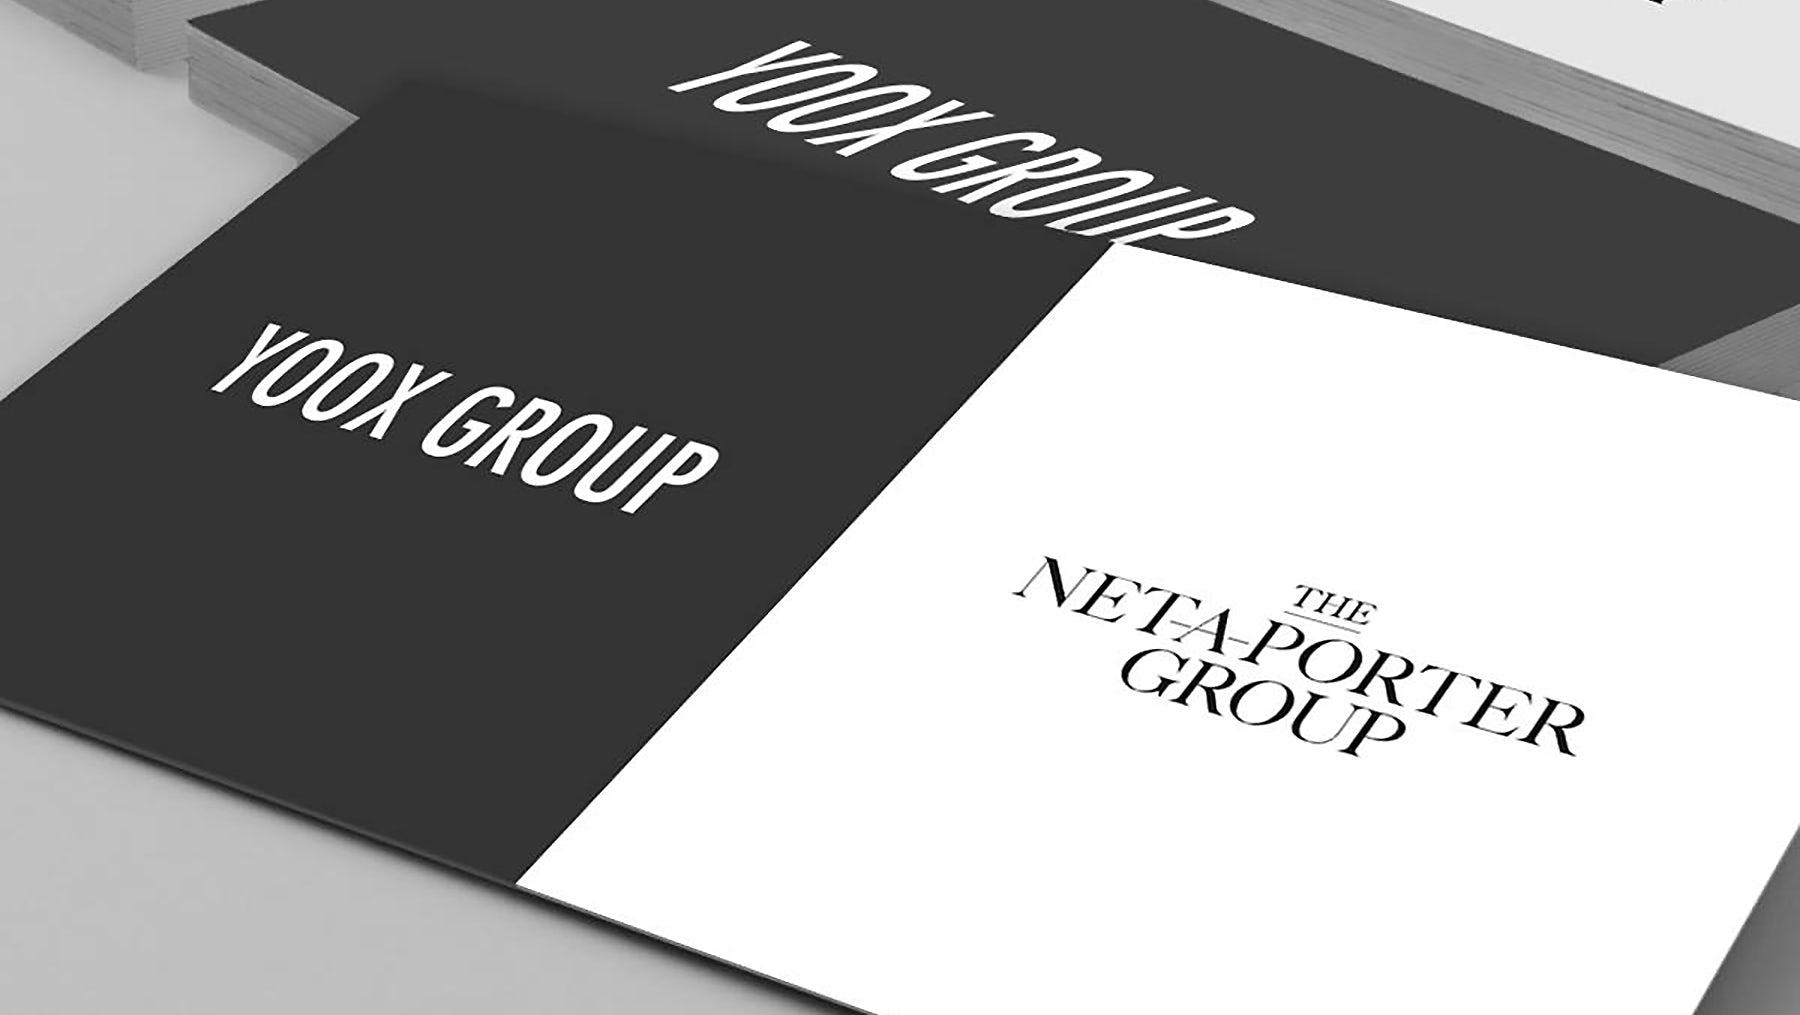 The Yoox Net-A-Porter Group   Source: Yoox